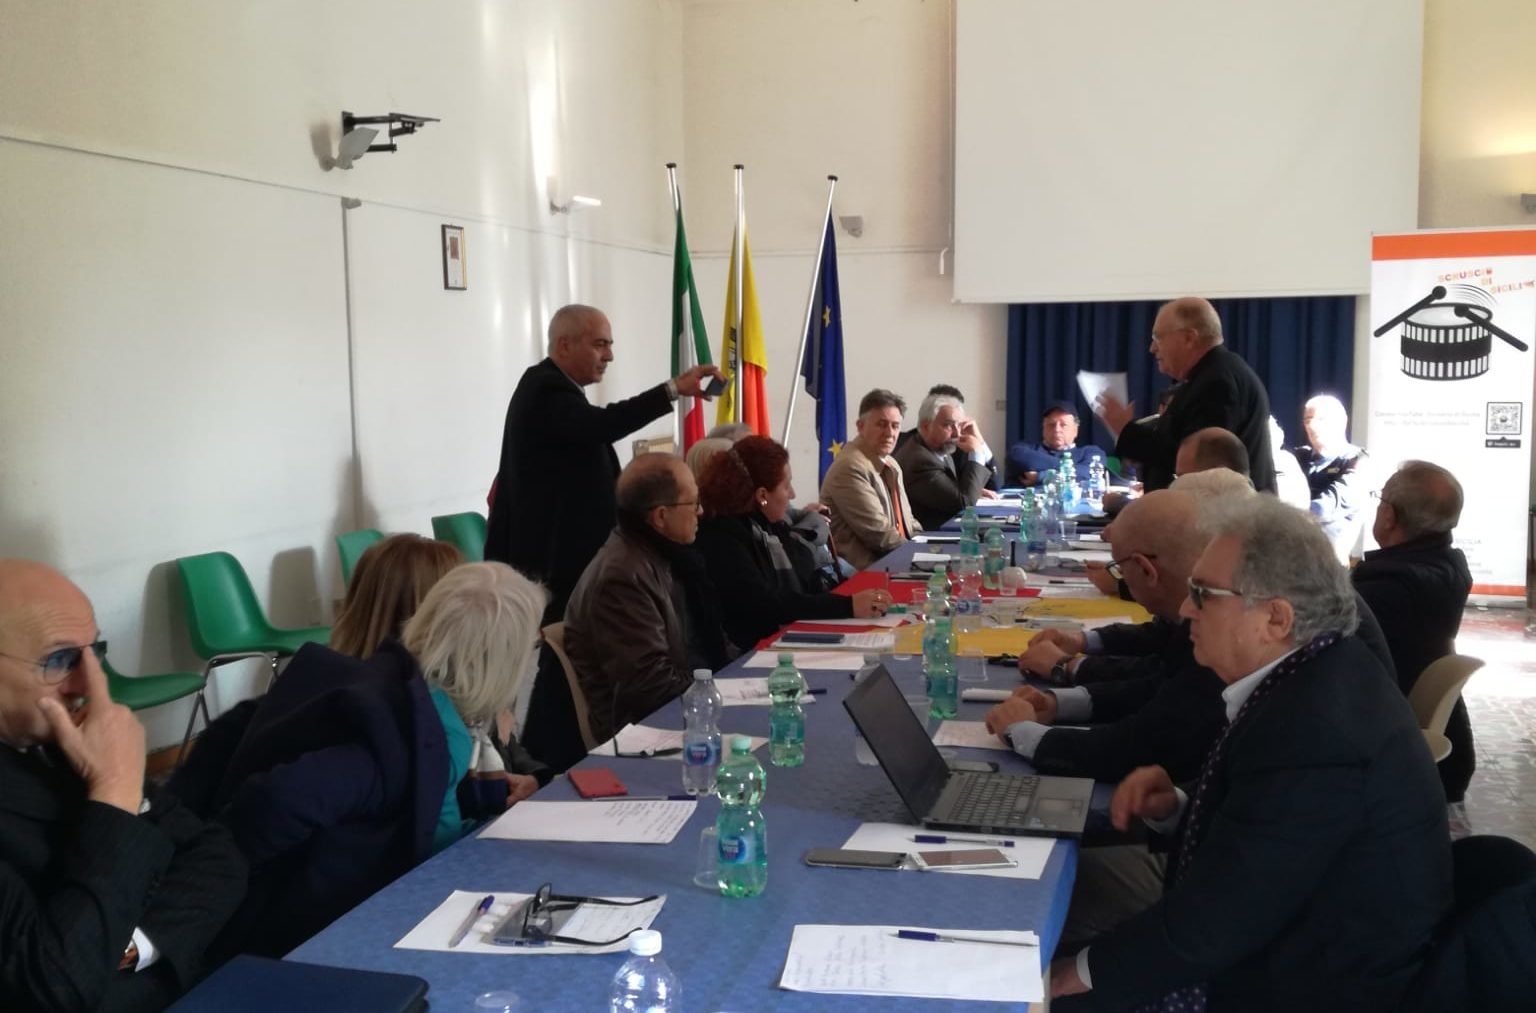 Il tavolo blu dei movimenti dà vita alla formazione politica dei Siciliani